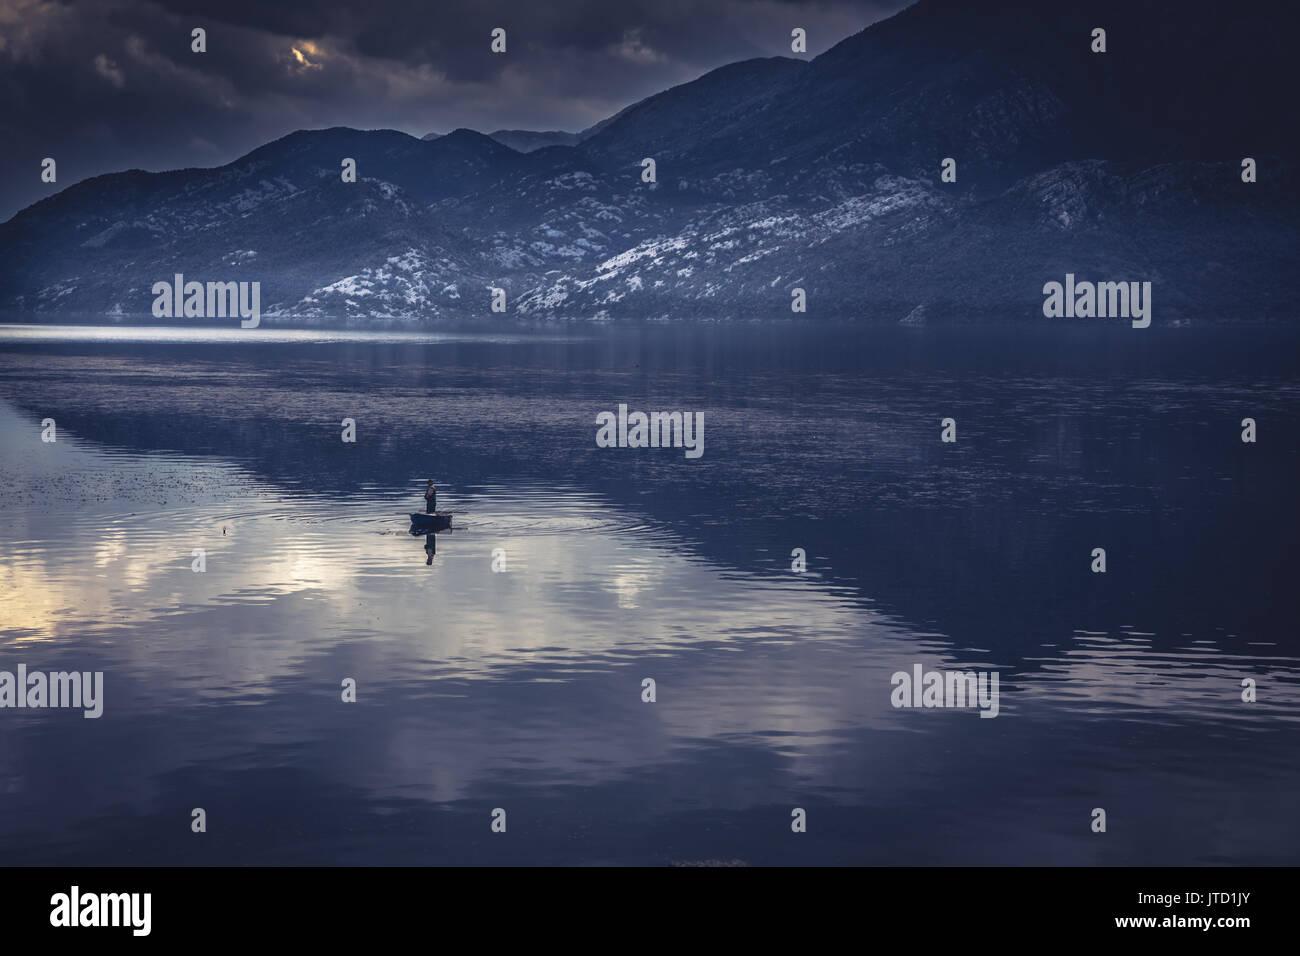 Idyllischen Berge Landschaft mit Mann in einem Boot, in der Mitte des ruhigen See mit Wasser Reflexionen bei Sonnenaufgang mit dramatischen Himmel in Blau Stockbild